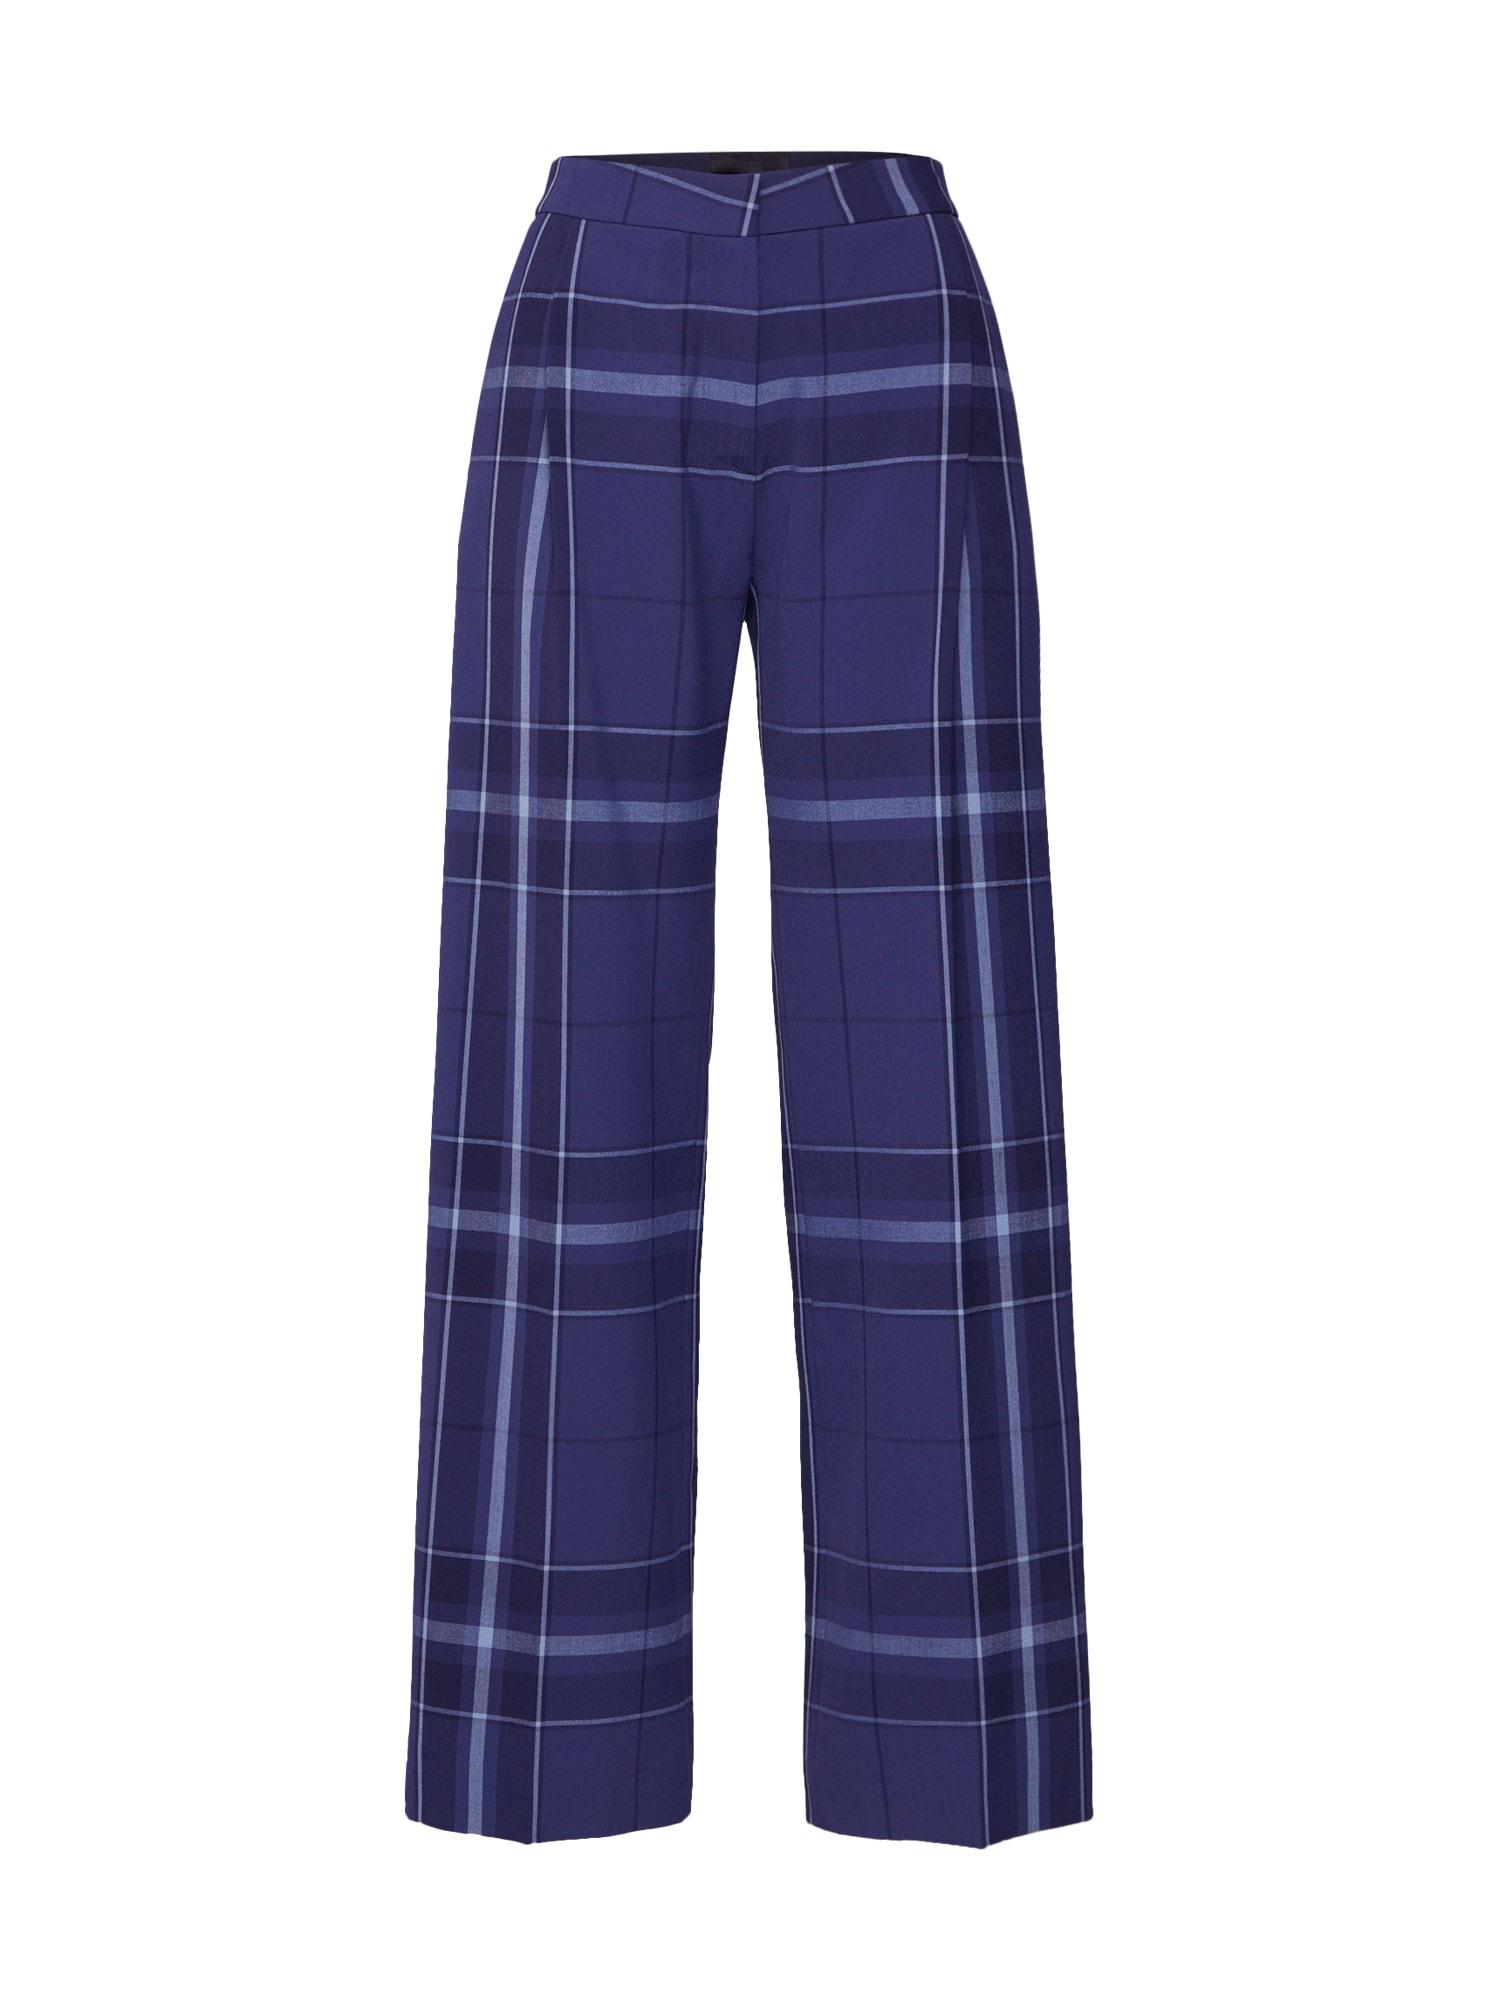 Kalhoty se sklady v pase Anya modrá 2ND DAY